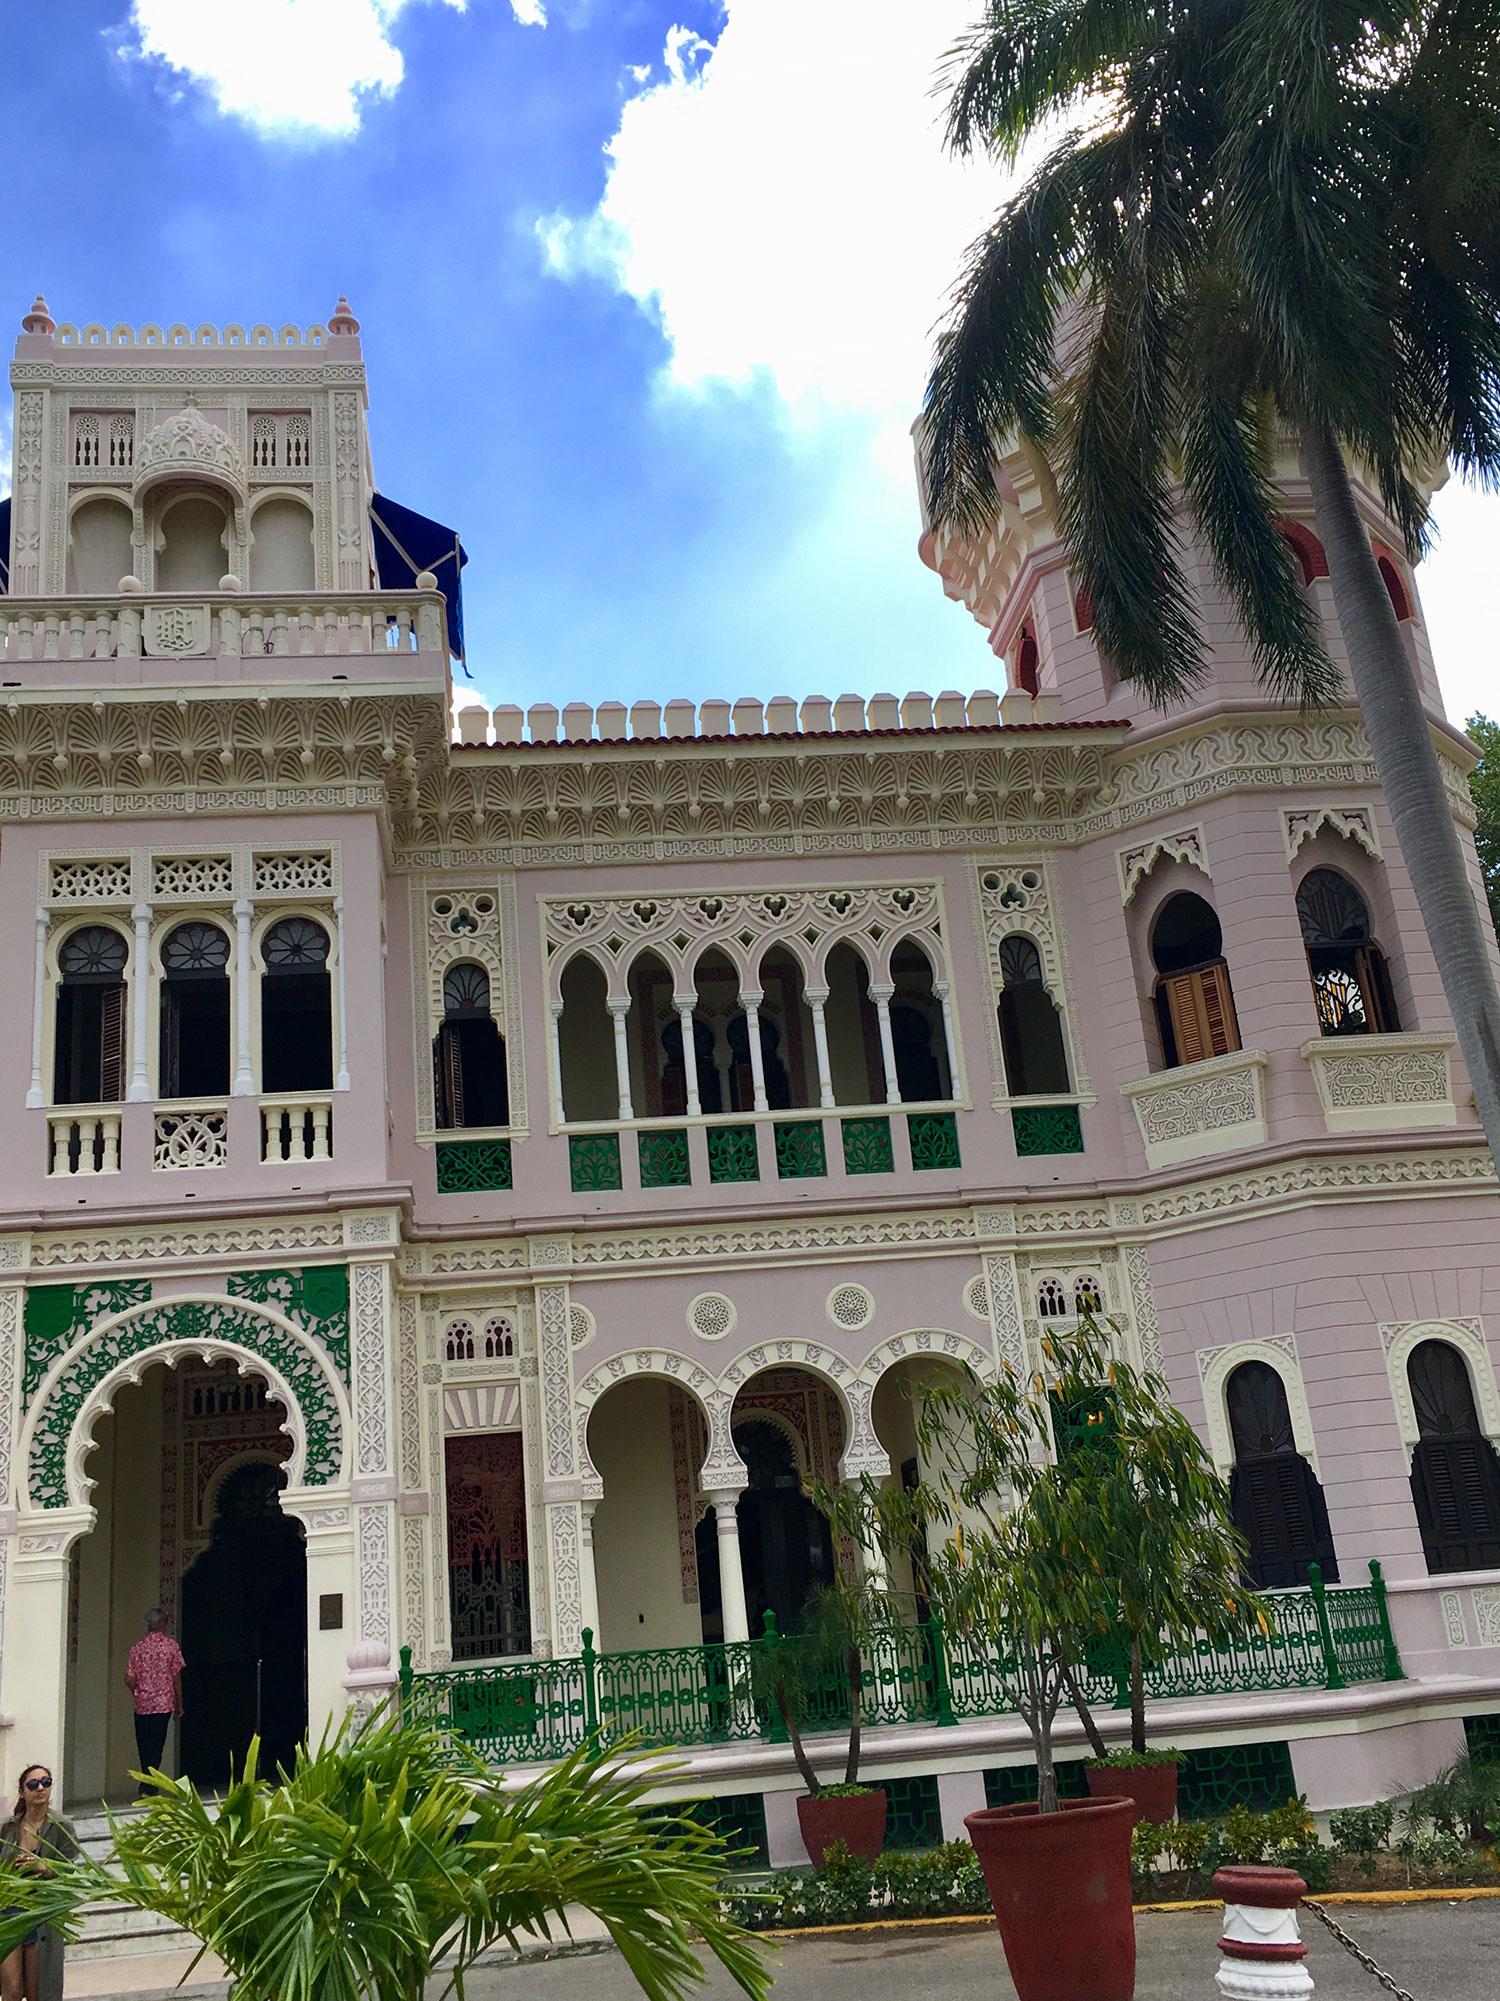 Hammocks_and_Ruins_What_to_Do_Cuba_colonial_sugar_barons_Palacio_deValle_town_Cienfuegos_20.jpg